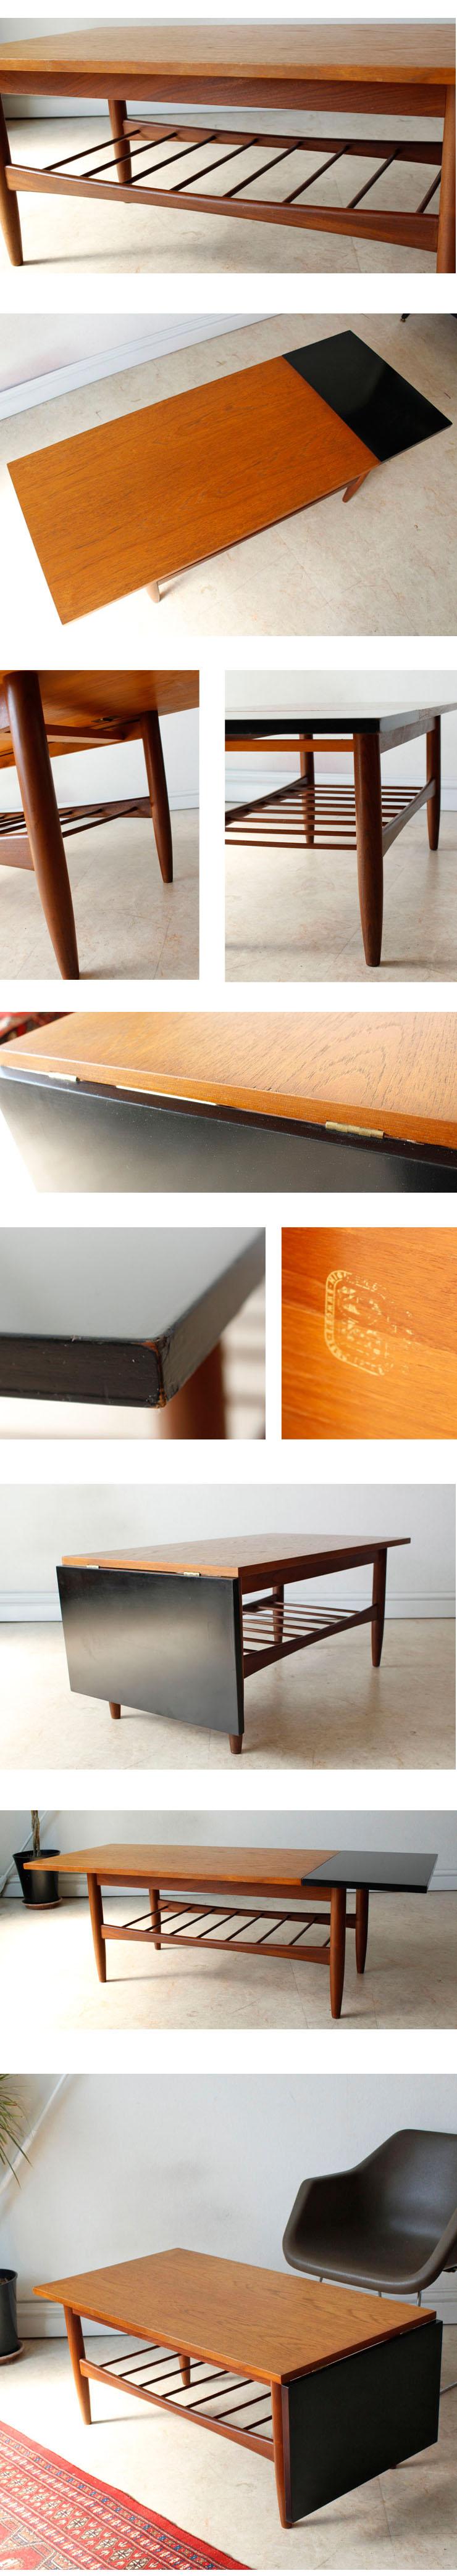 G-plan・ジープラン・コーヒーテーブル・ビンテージ・チーク・ミッドセンチュリー